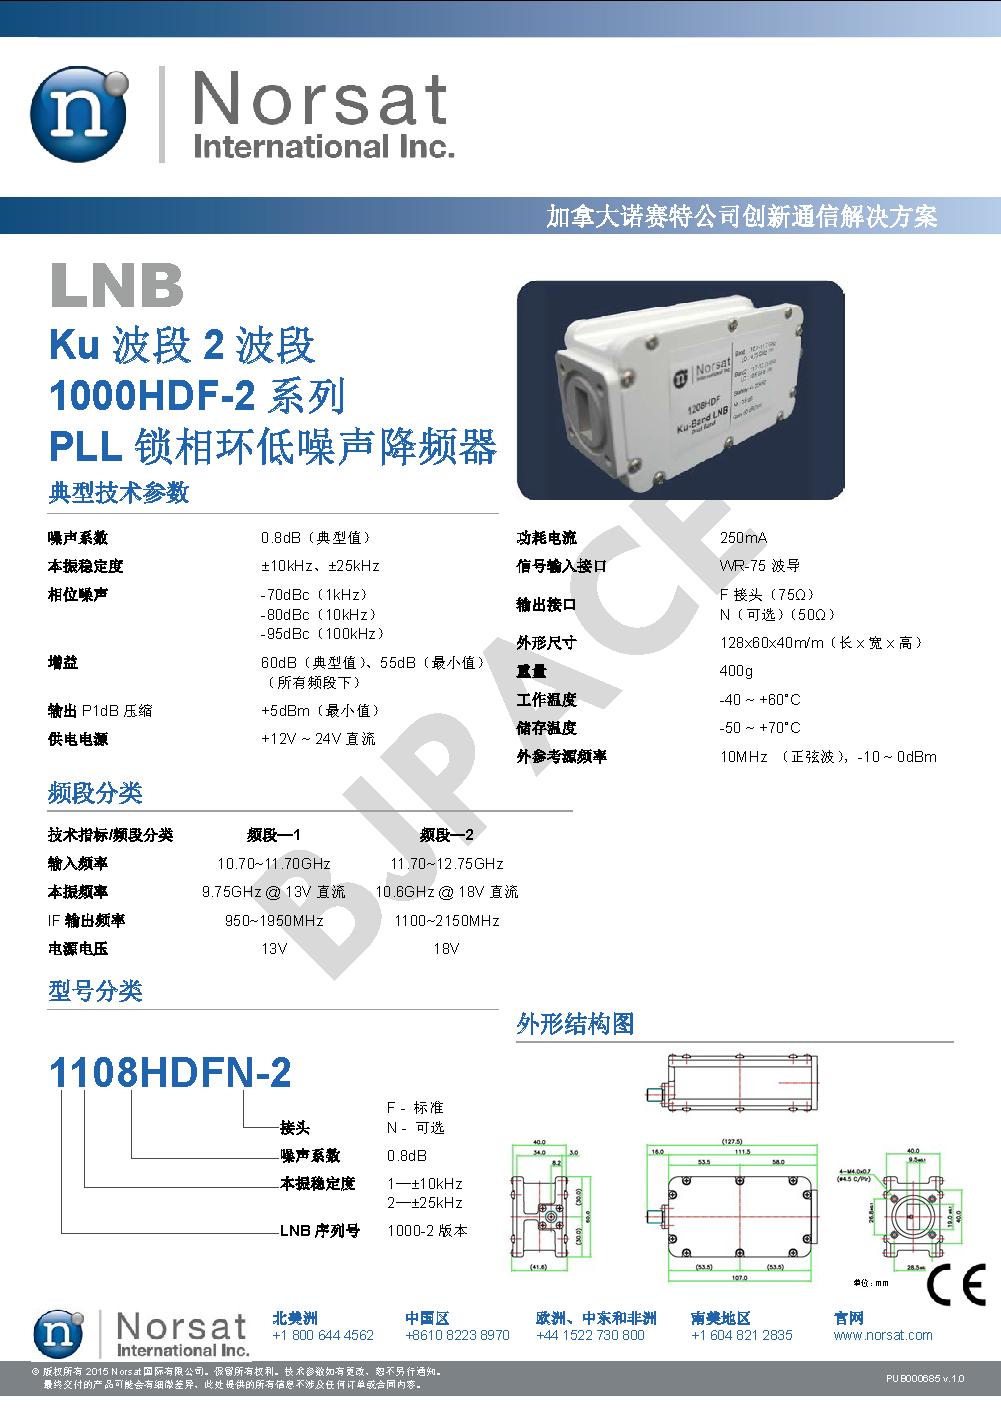 1000HDFN-22波段中文介紹